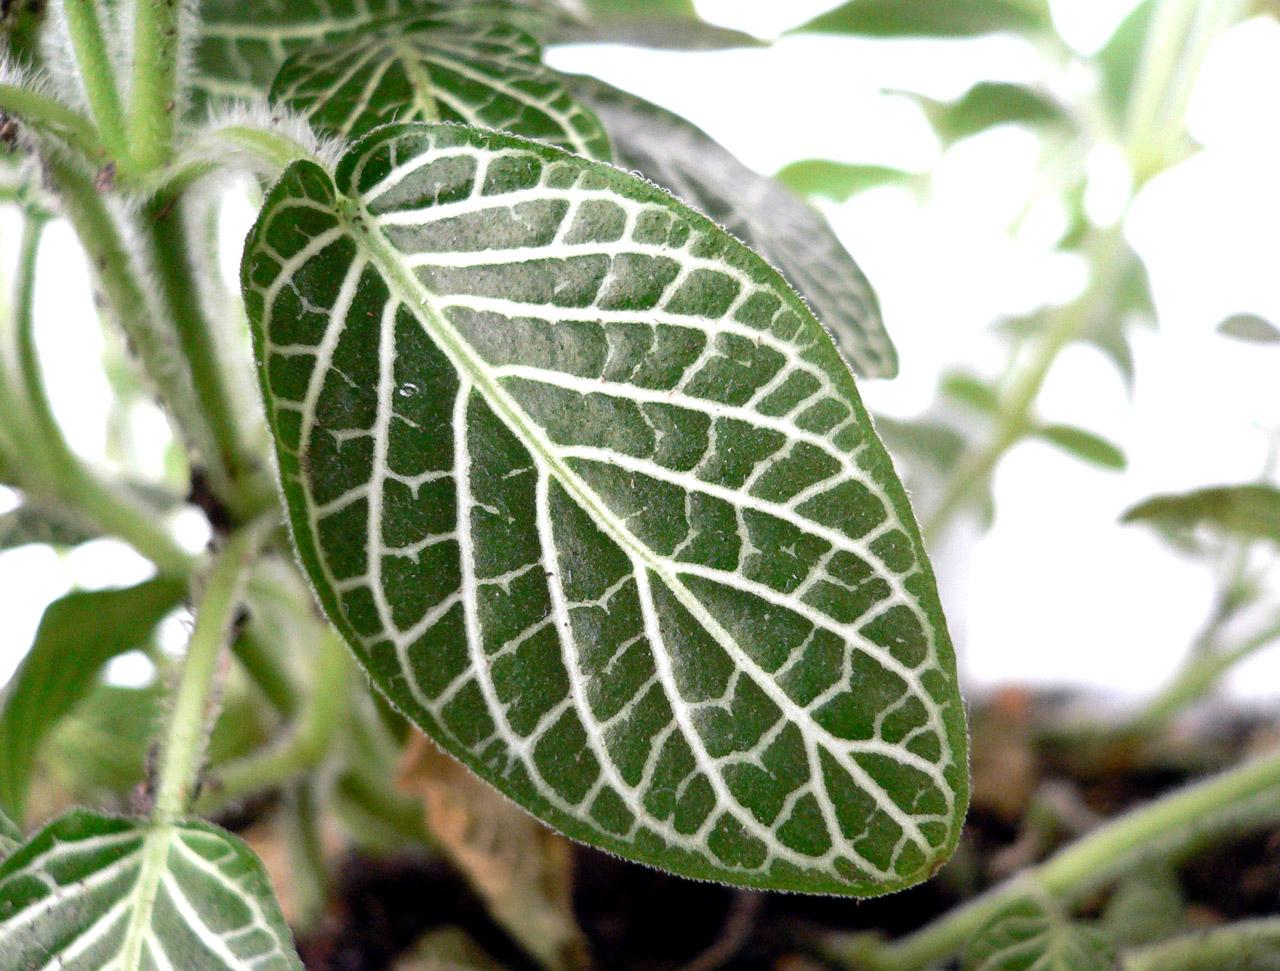 Комнатные цветы с белыми прожилками на листьях фото